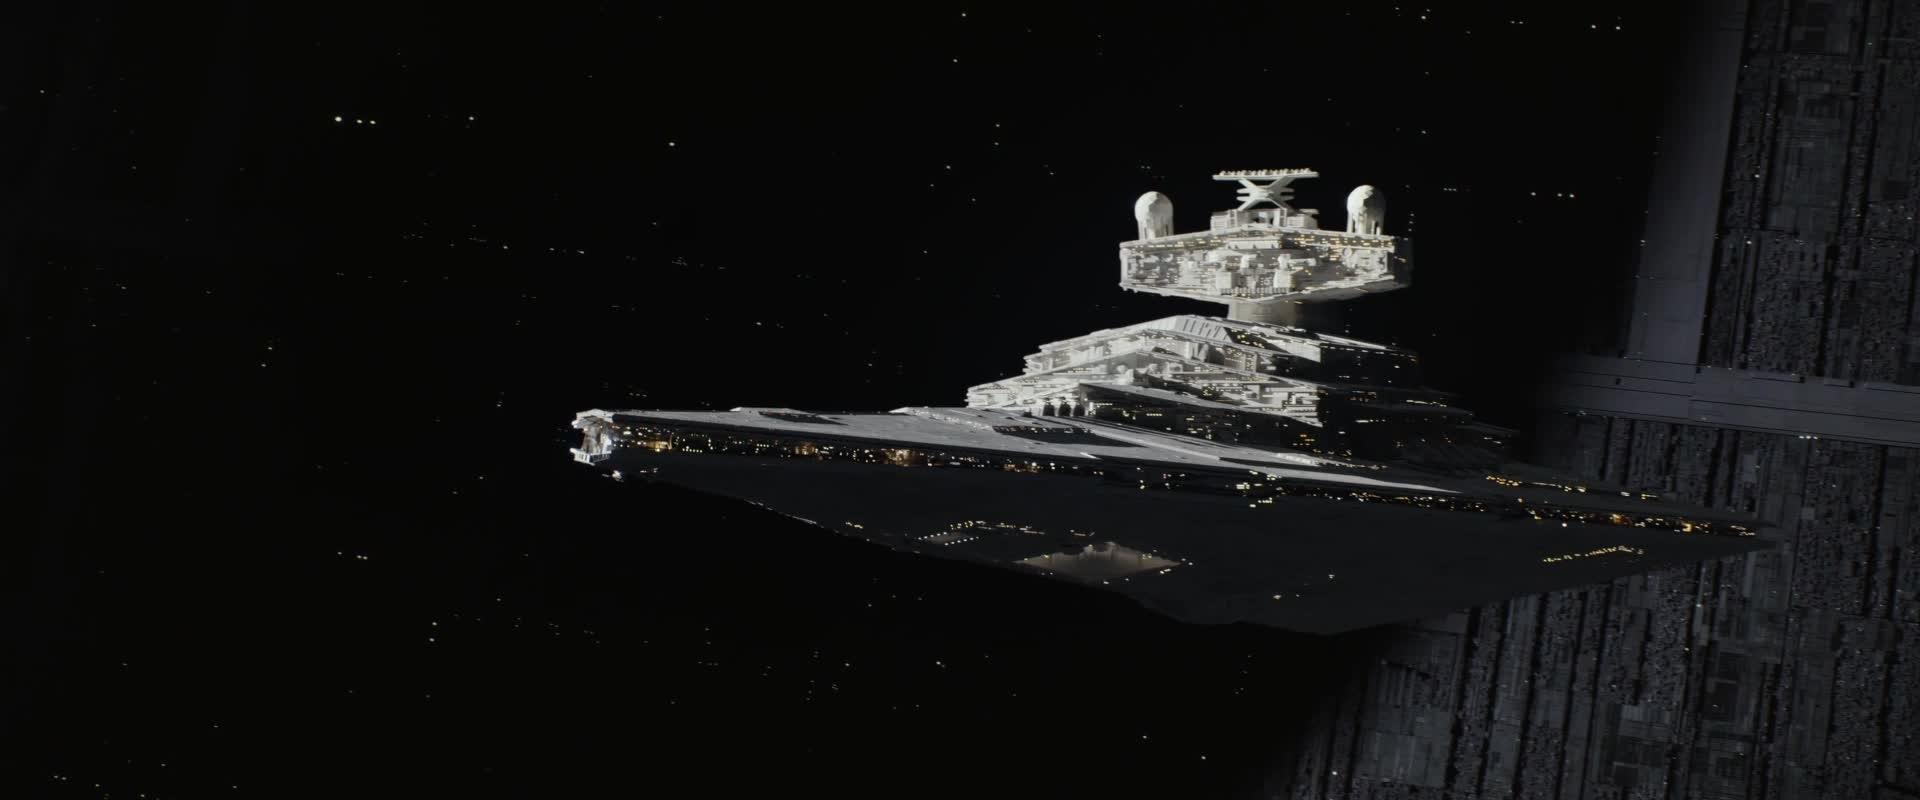 מלחמת הכוכבים: רוג אחד